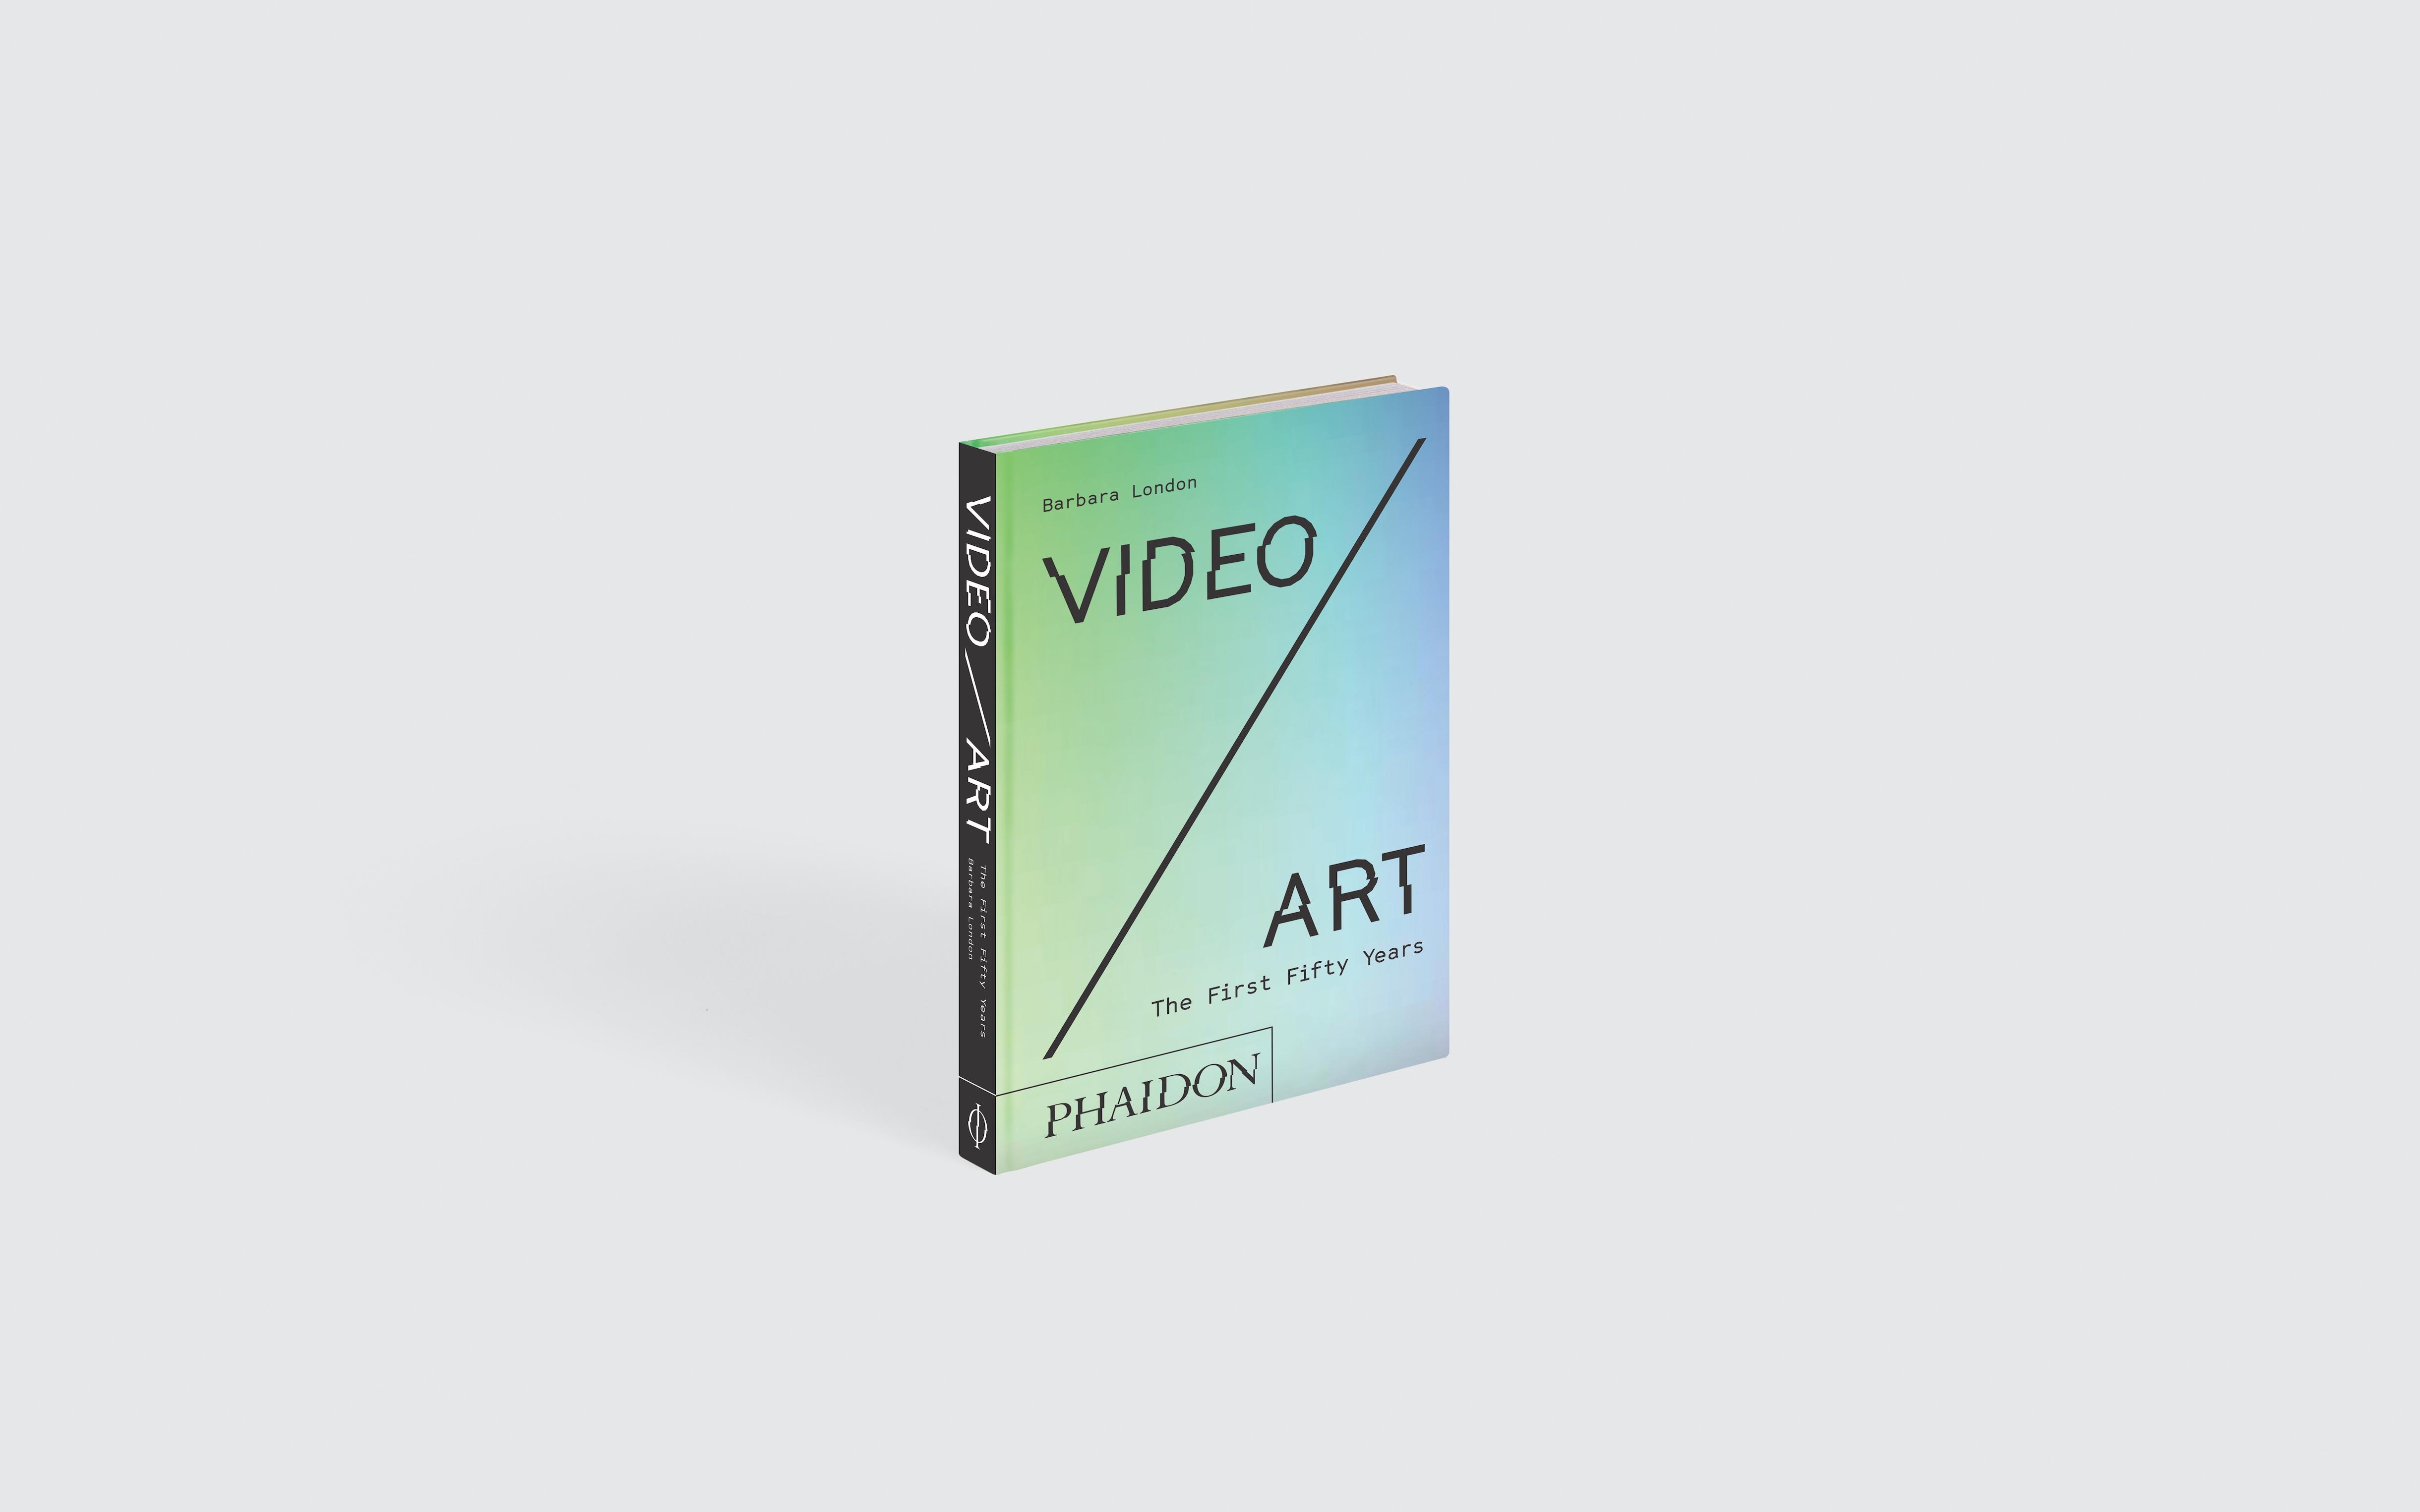 Video-Art-EN-7759-Standing